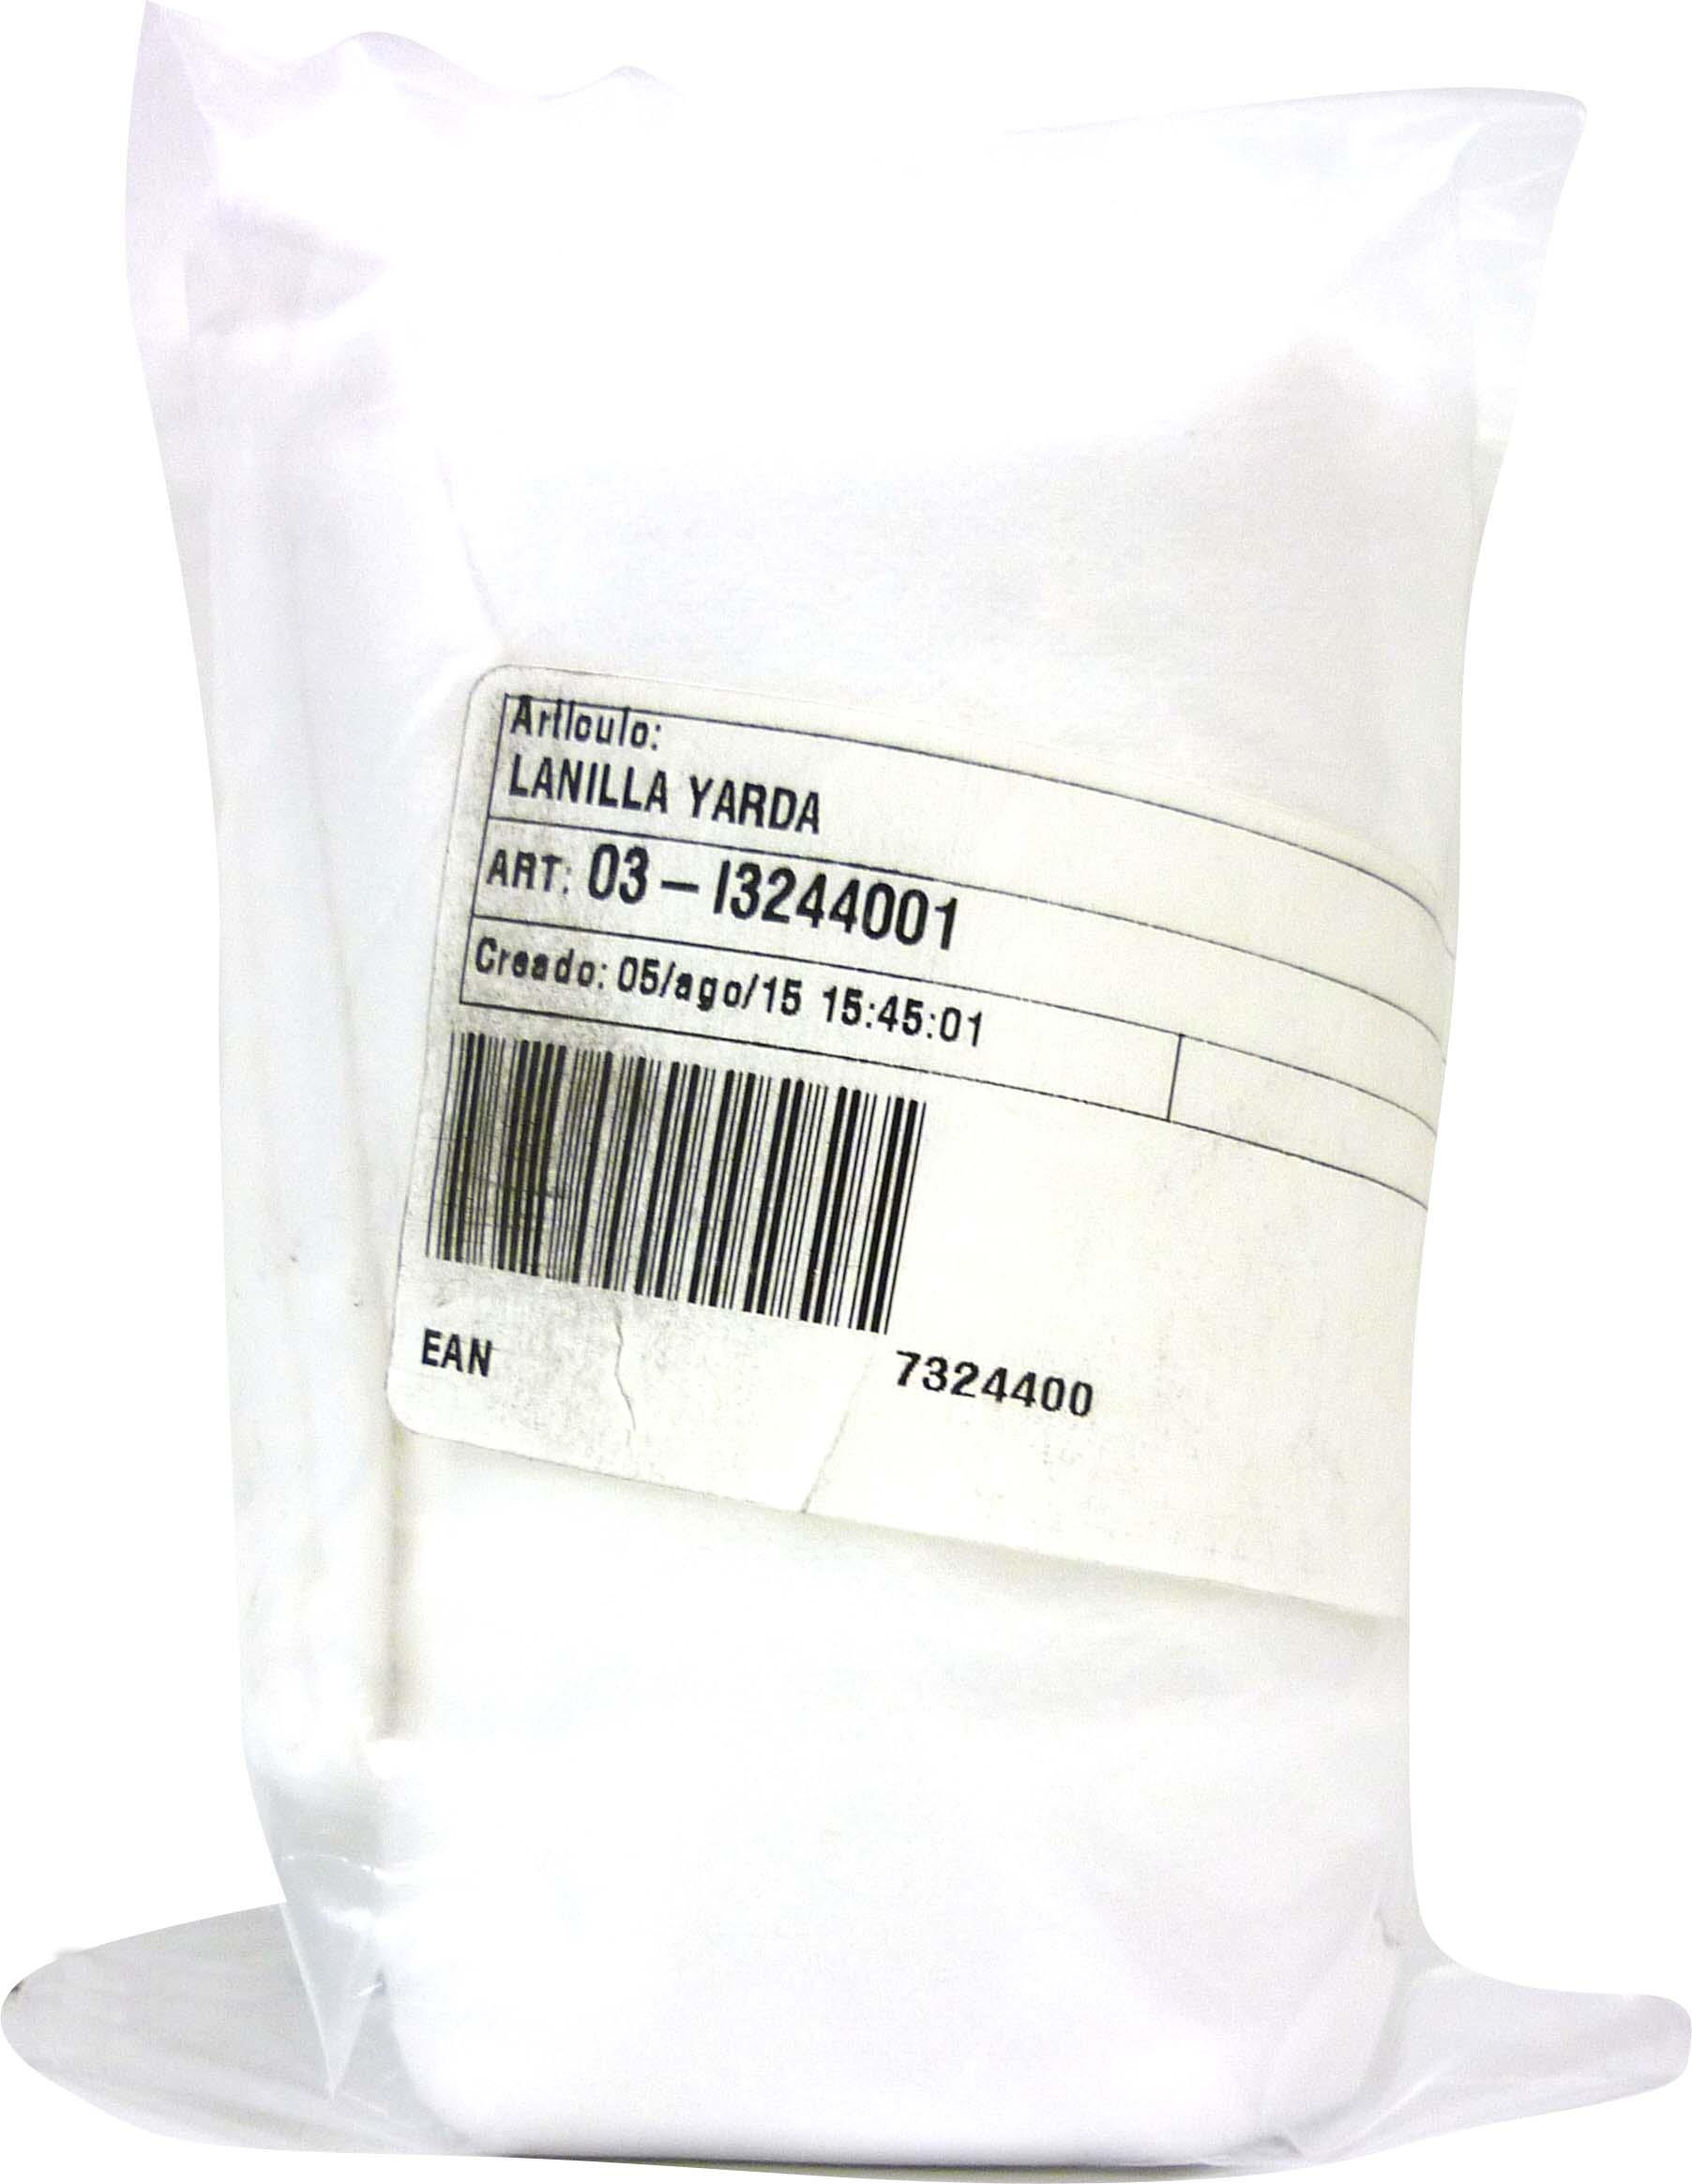 Lanilla de microfibra de 1yd compuesto para limpiar de uso interior y exterior d